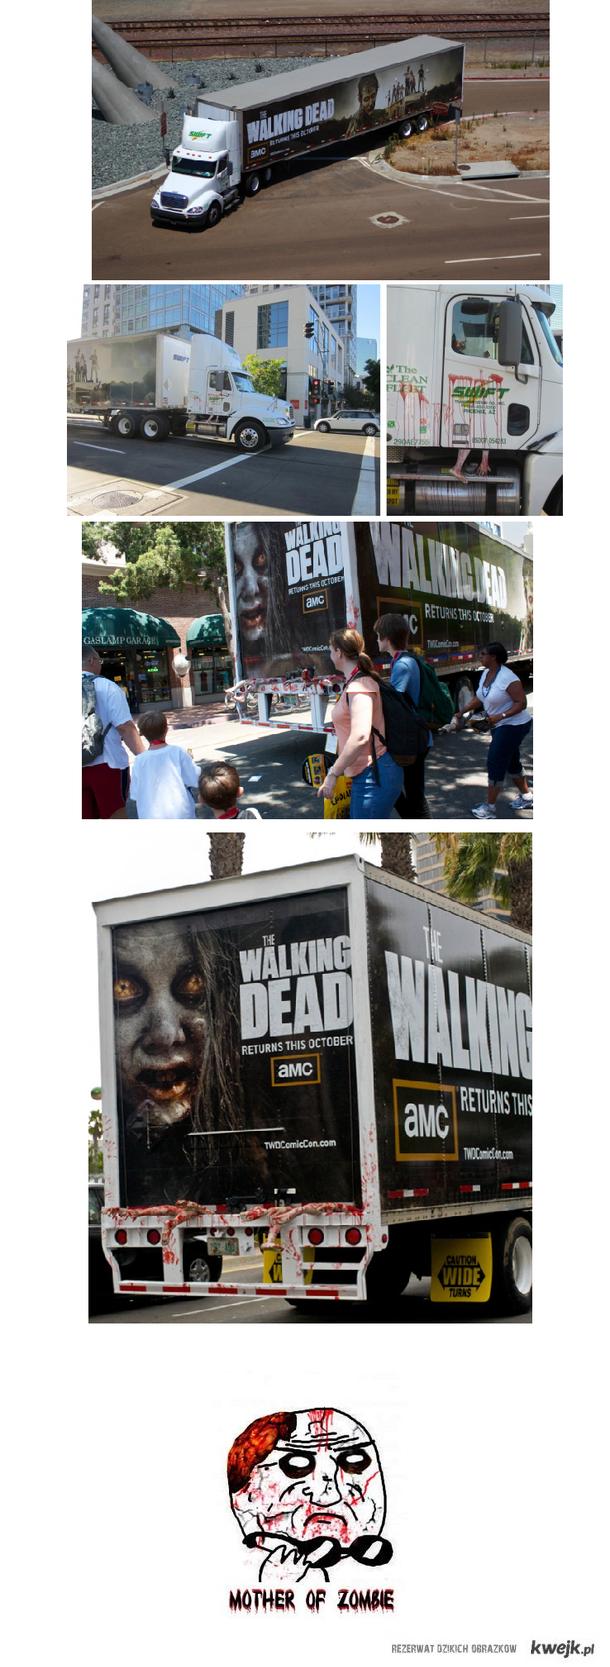 Walking Dead :)